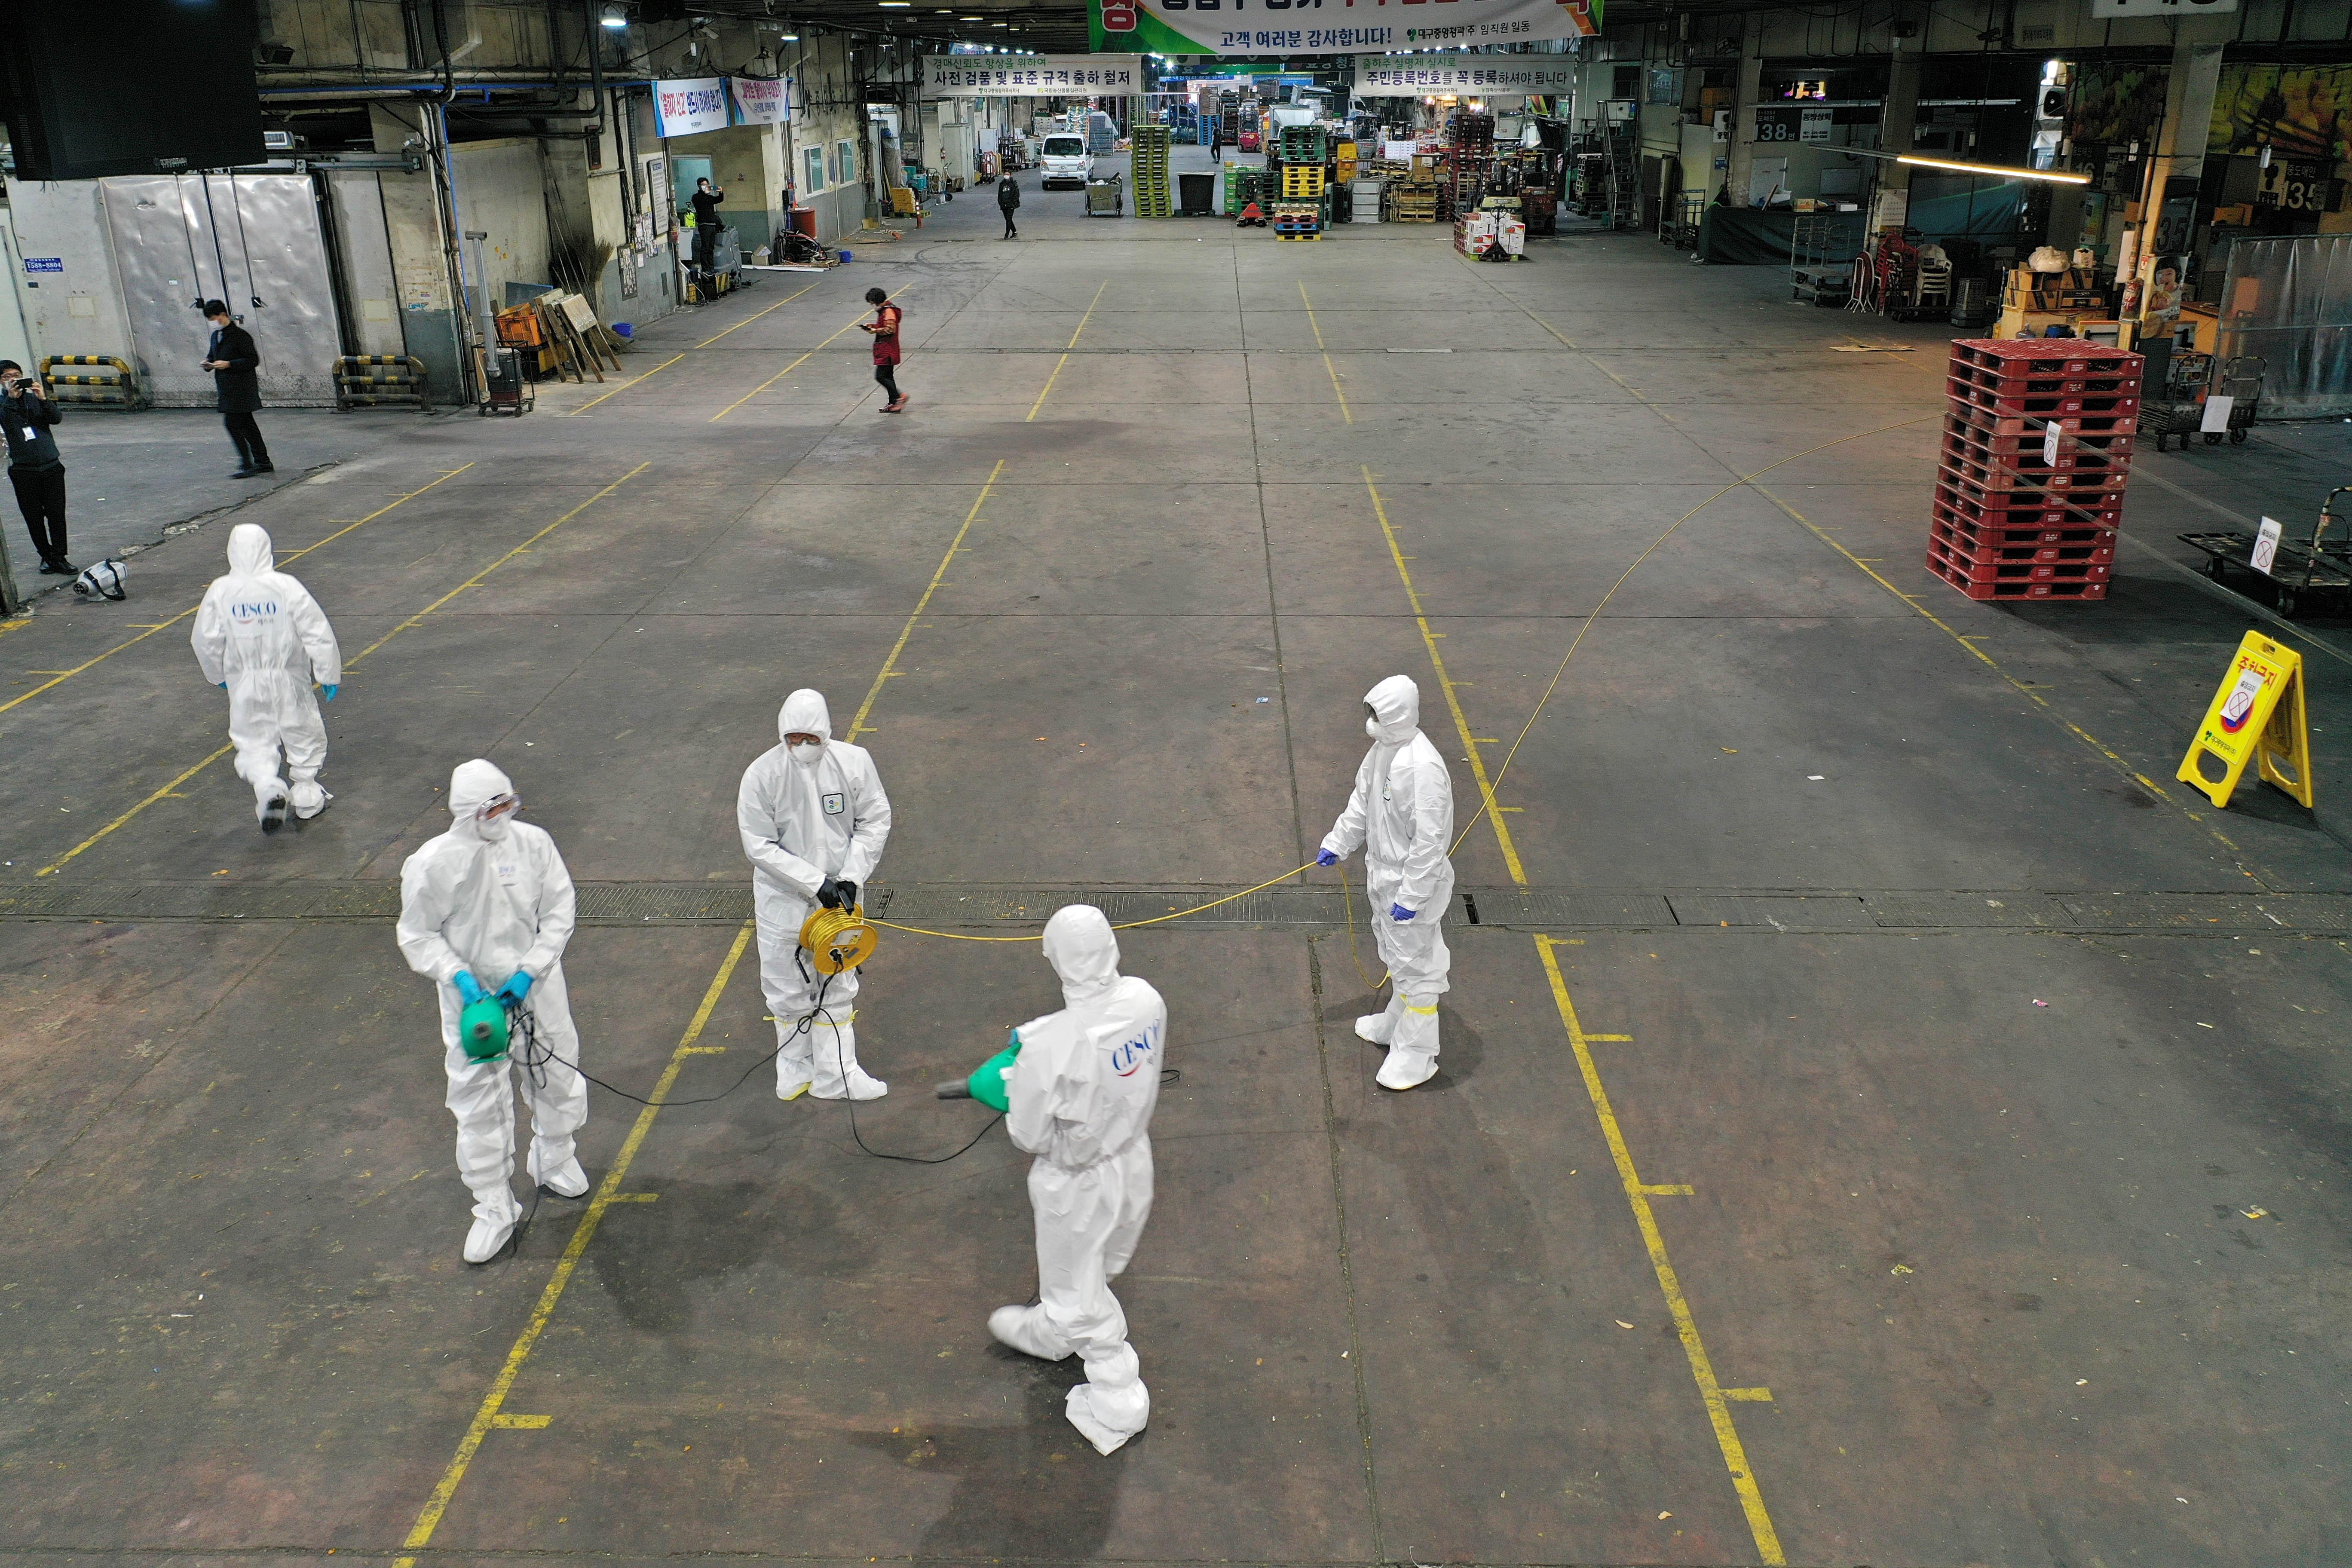 【冠状病毒19】韩国周一新增病例达600起 累计突破4800